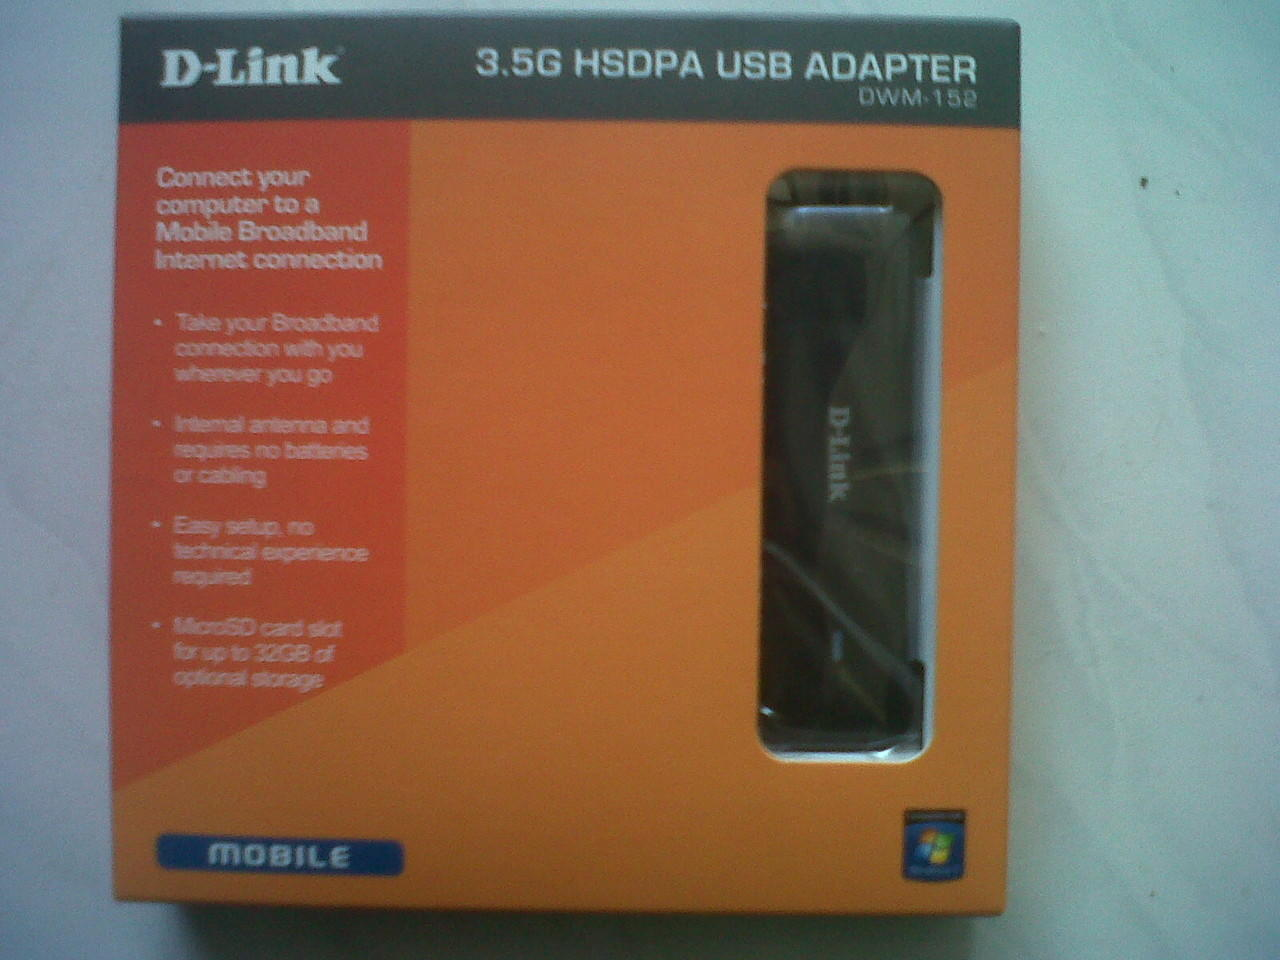 Modem D-Link HSDPA 3.5G DWM-152